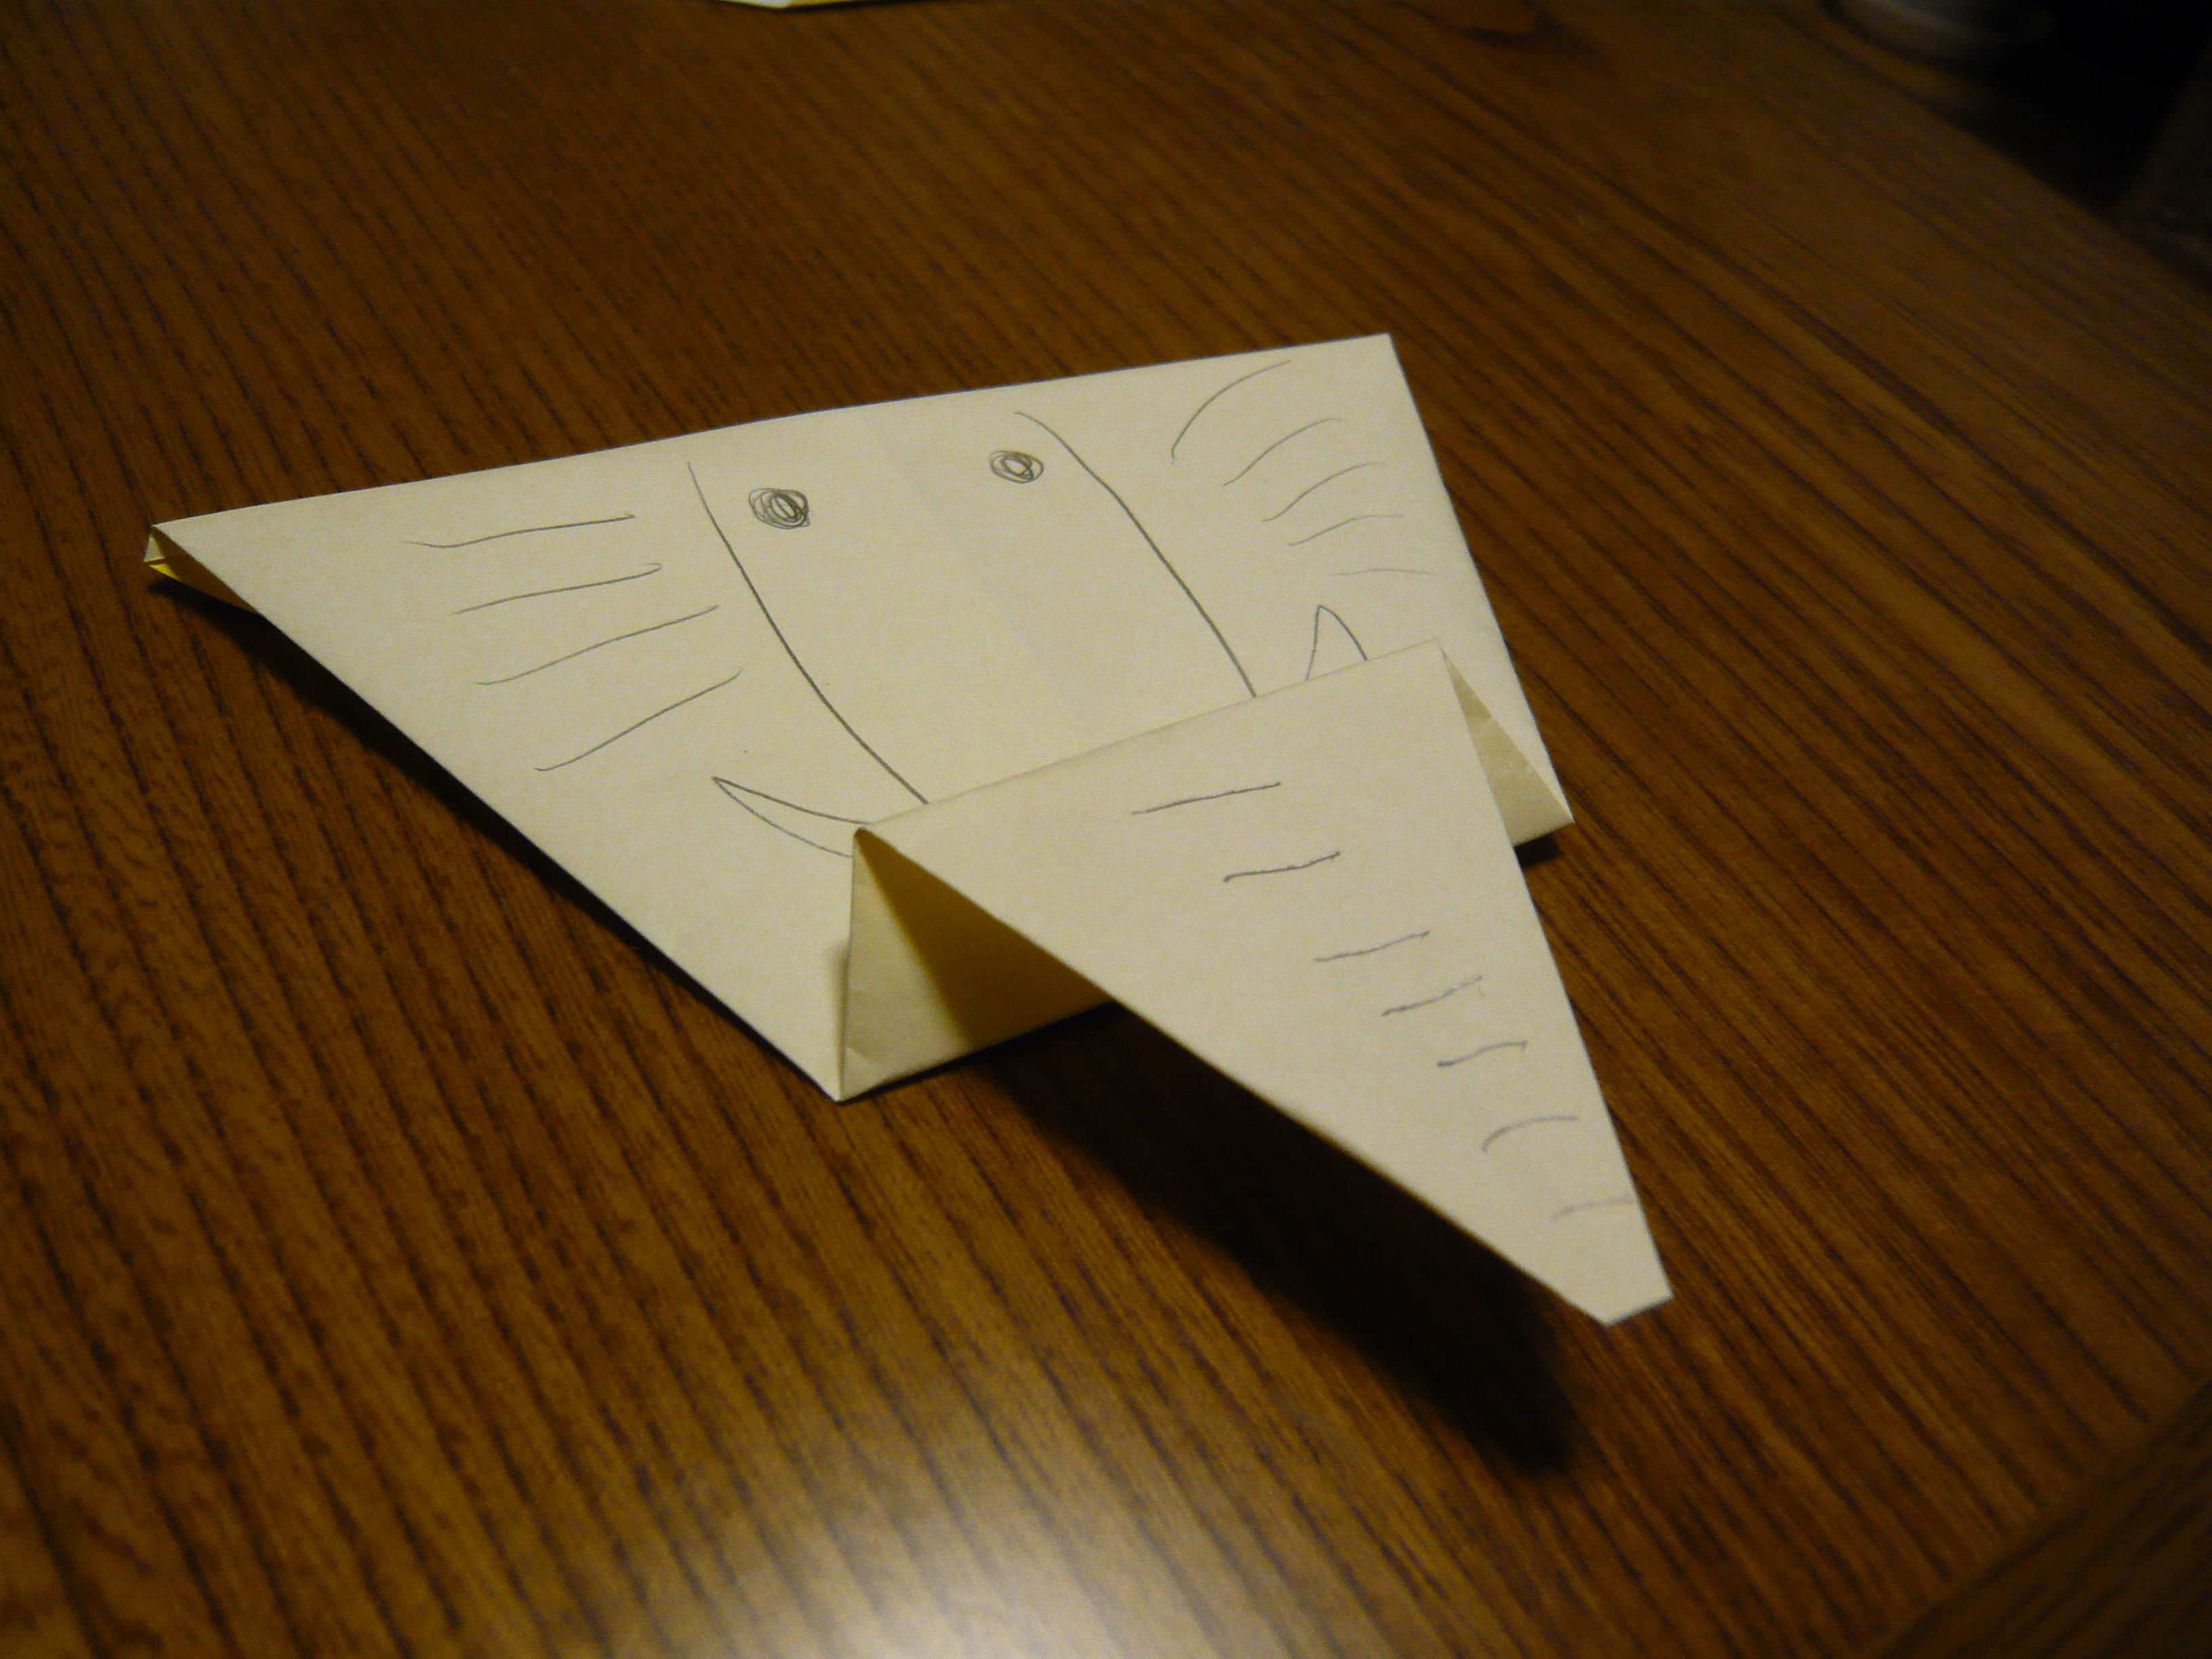 すべての折り紙 折り紙 ライオンの折り方 : ロンパース日記 : 折り紙工作